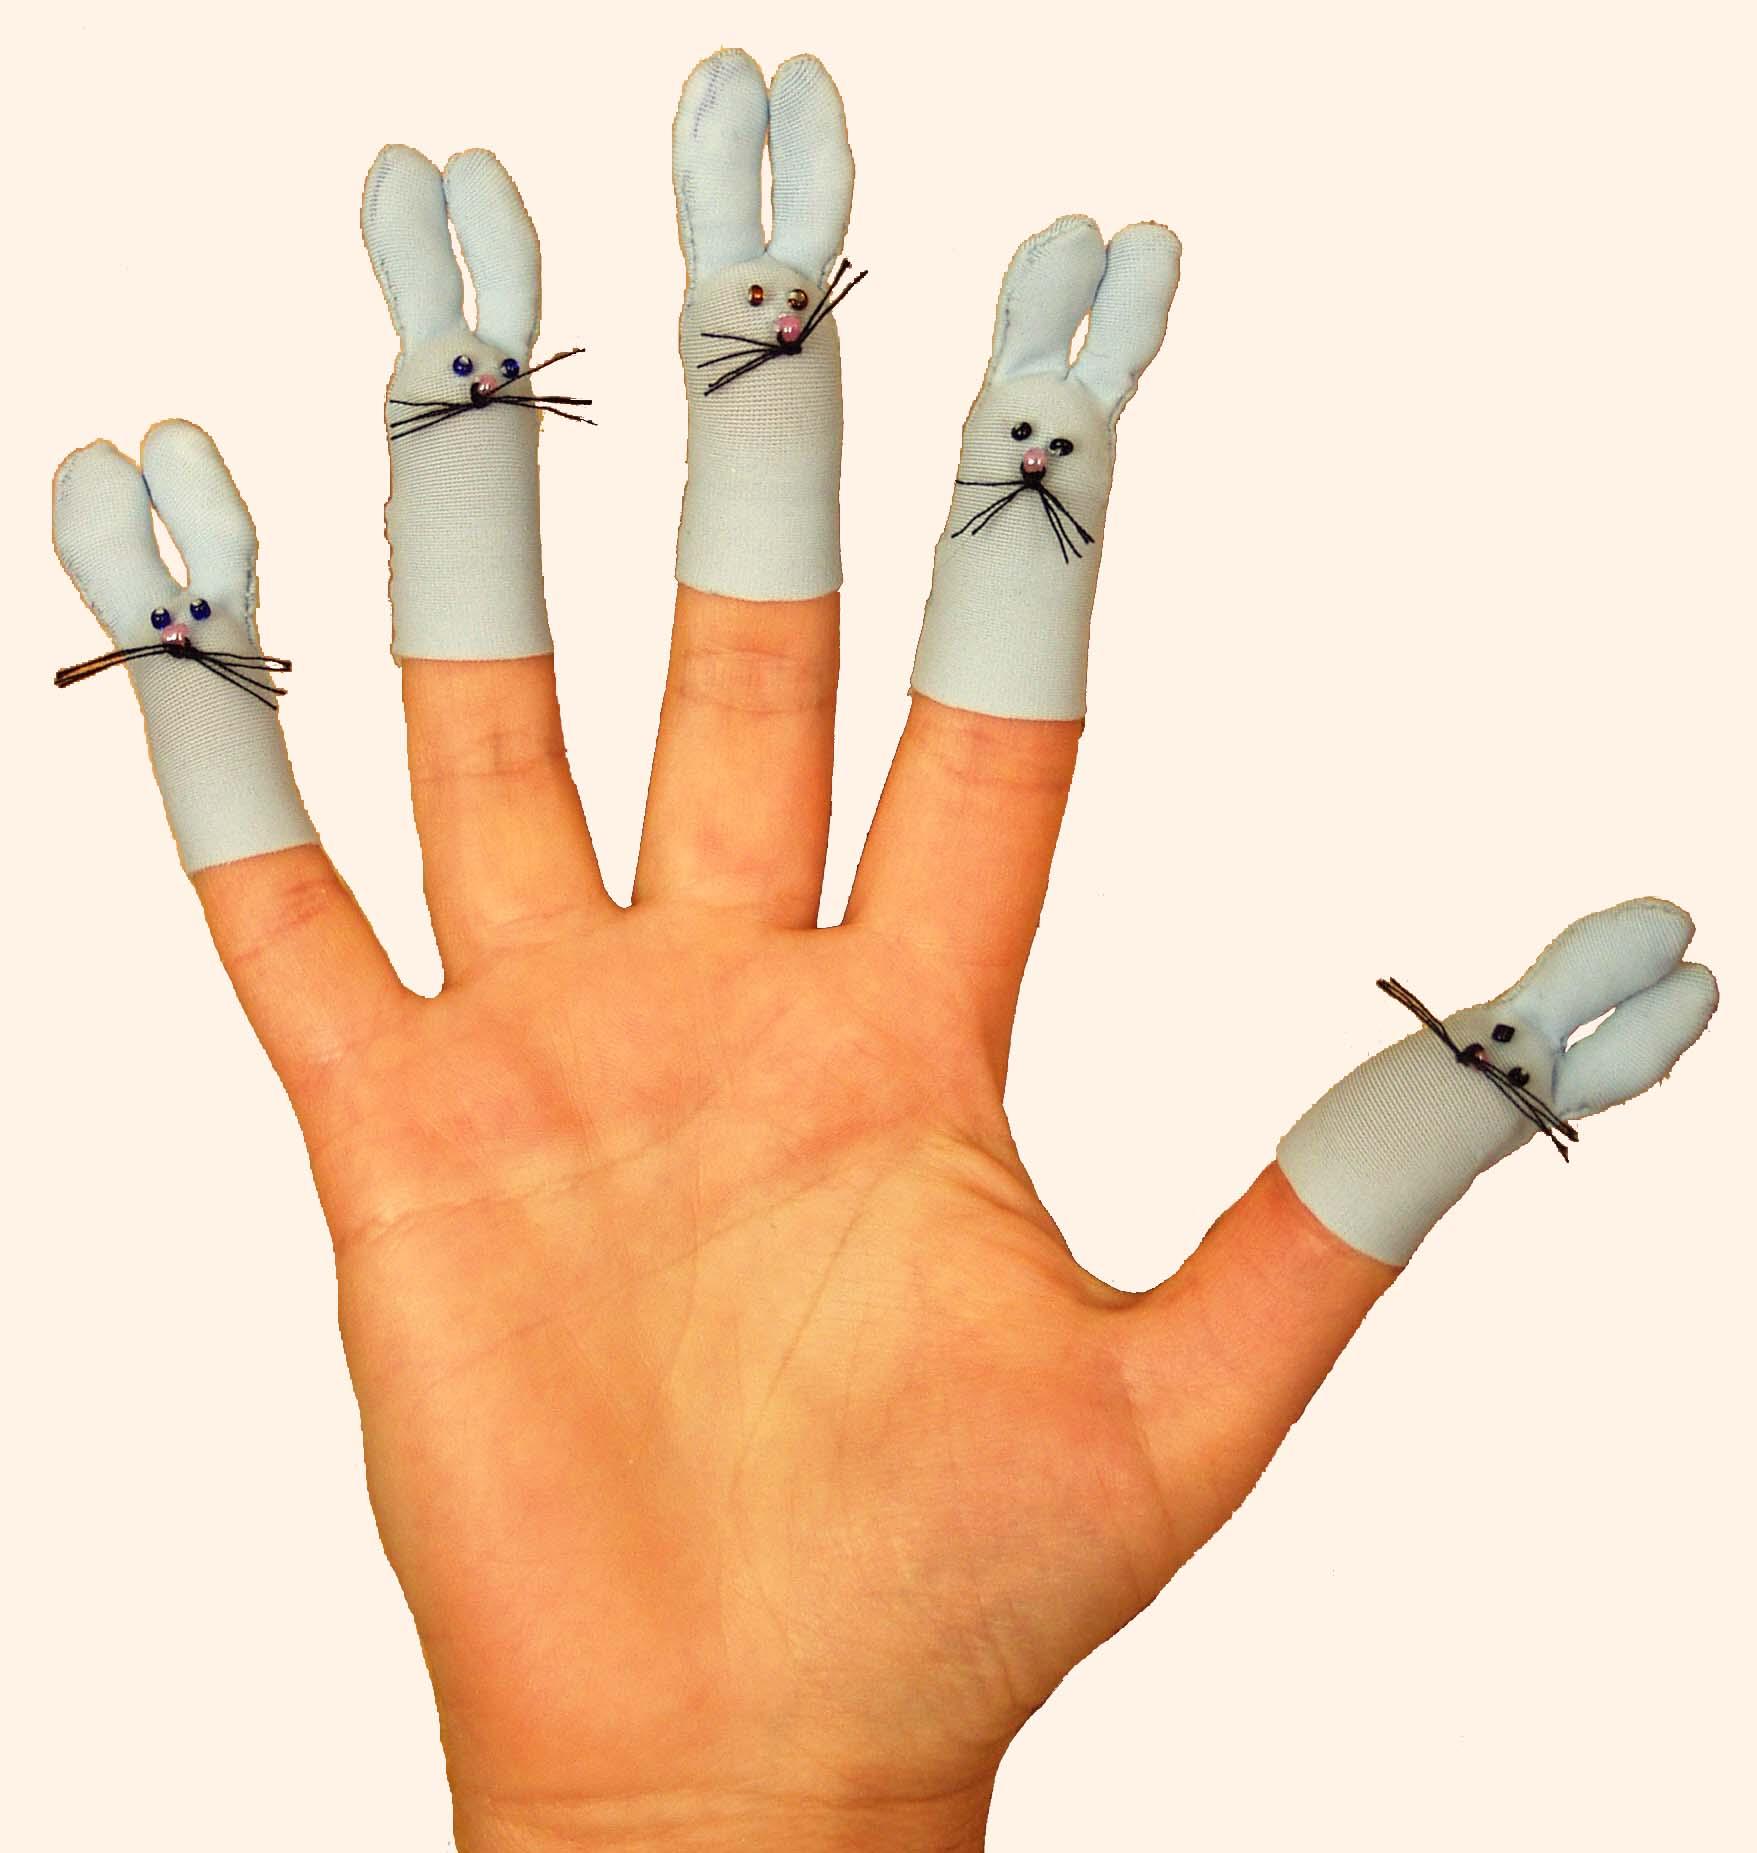 Приспособления своими руками для занятий онанизмом 14 фотография